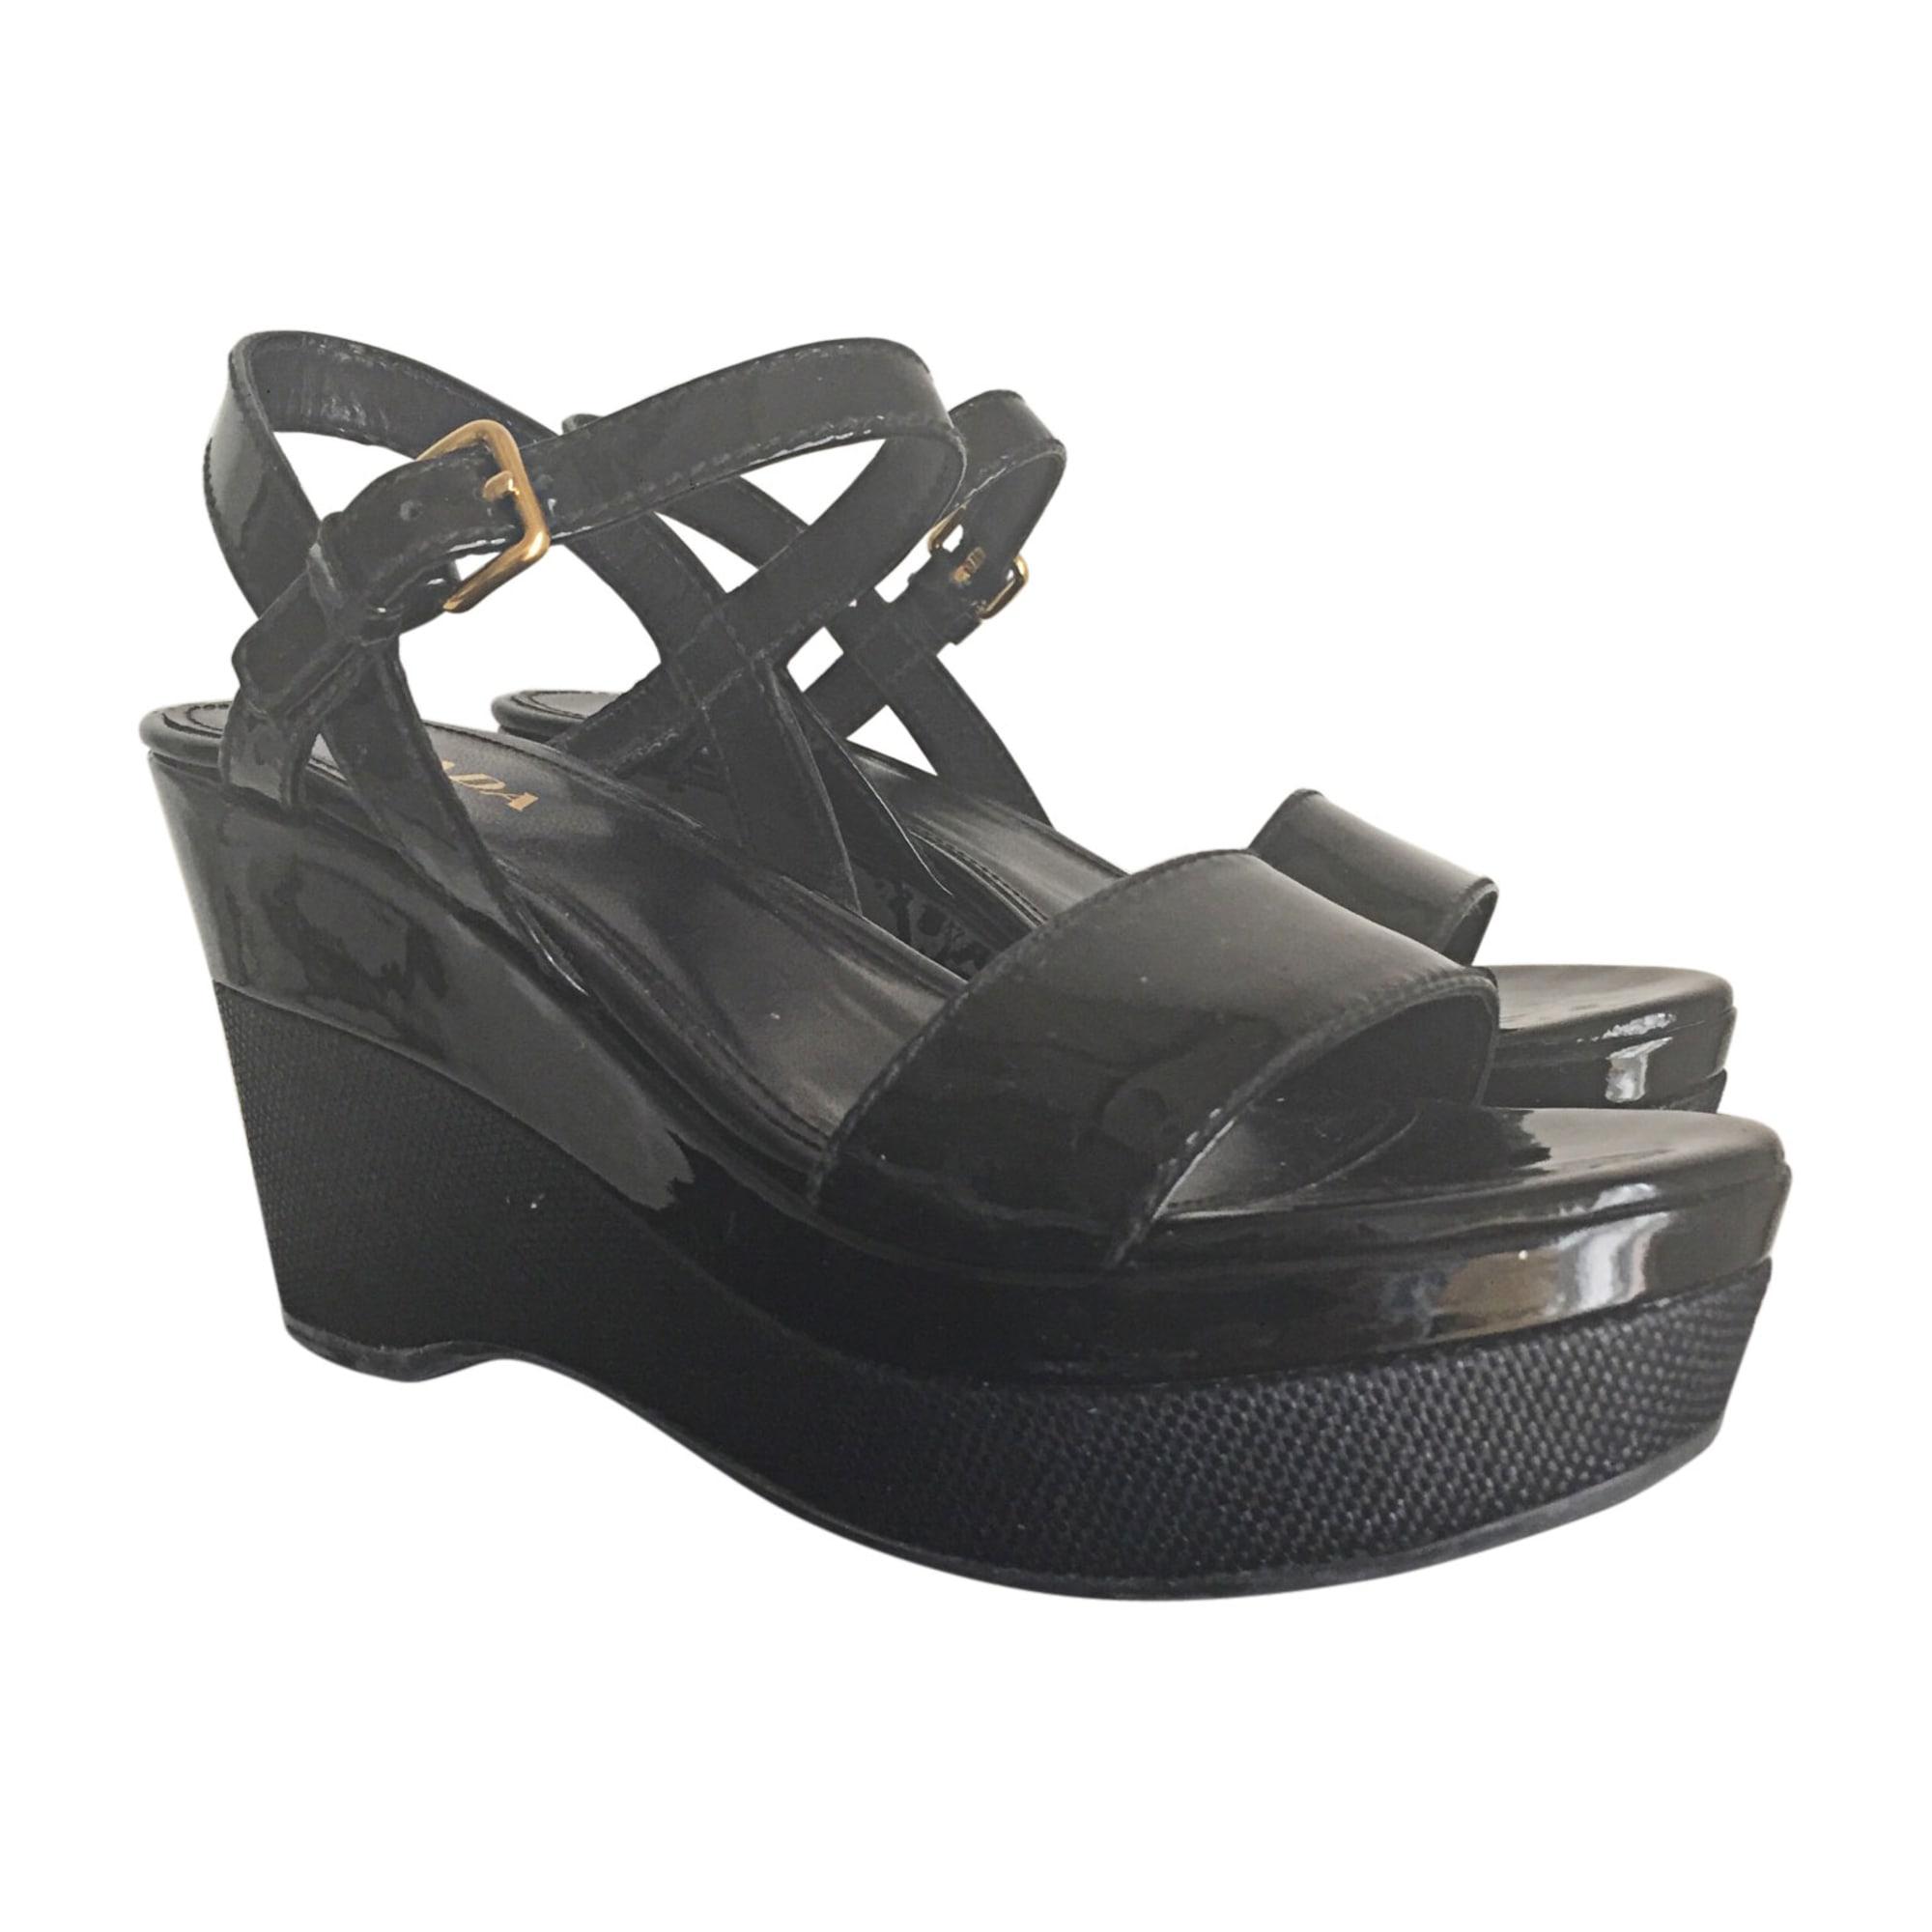 Sandales Prada 7694771 39 Noir Compensées wXXr1qY